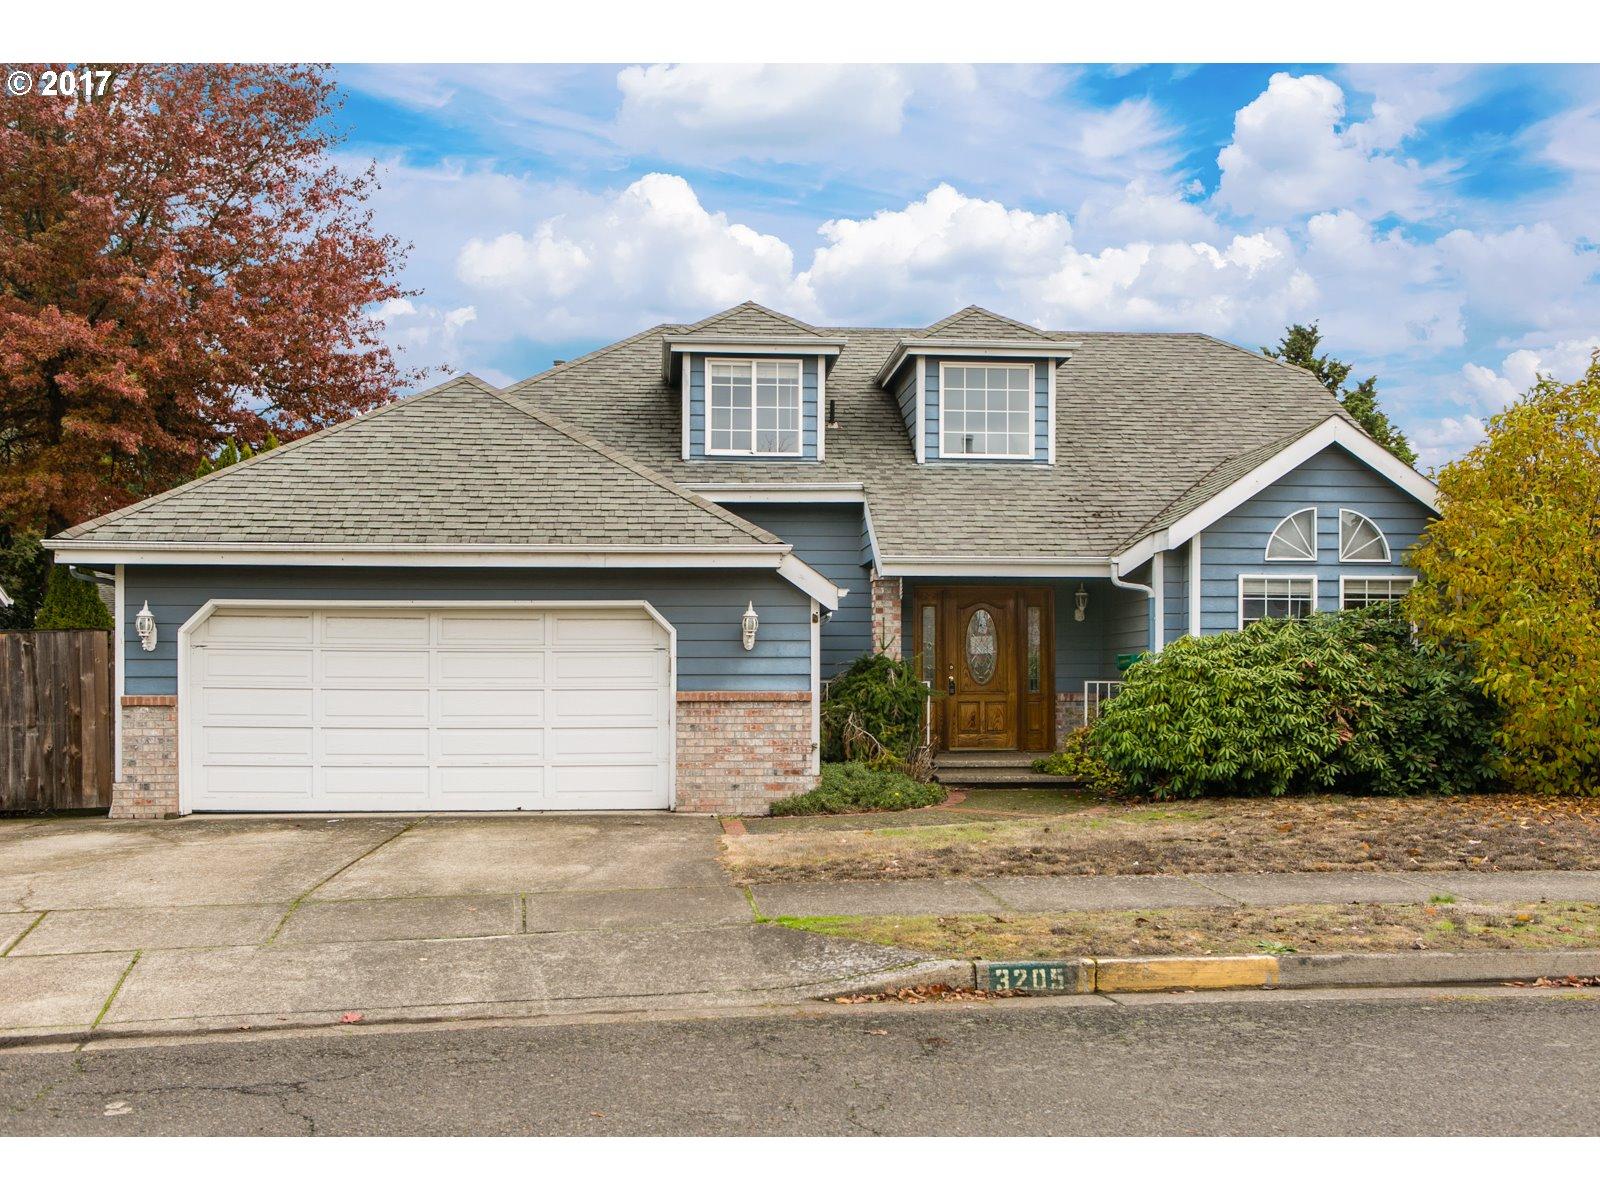 Eugene Springfield Oregon Real Estate Amp Homes For Sale